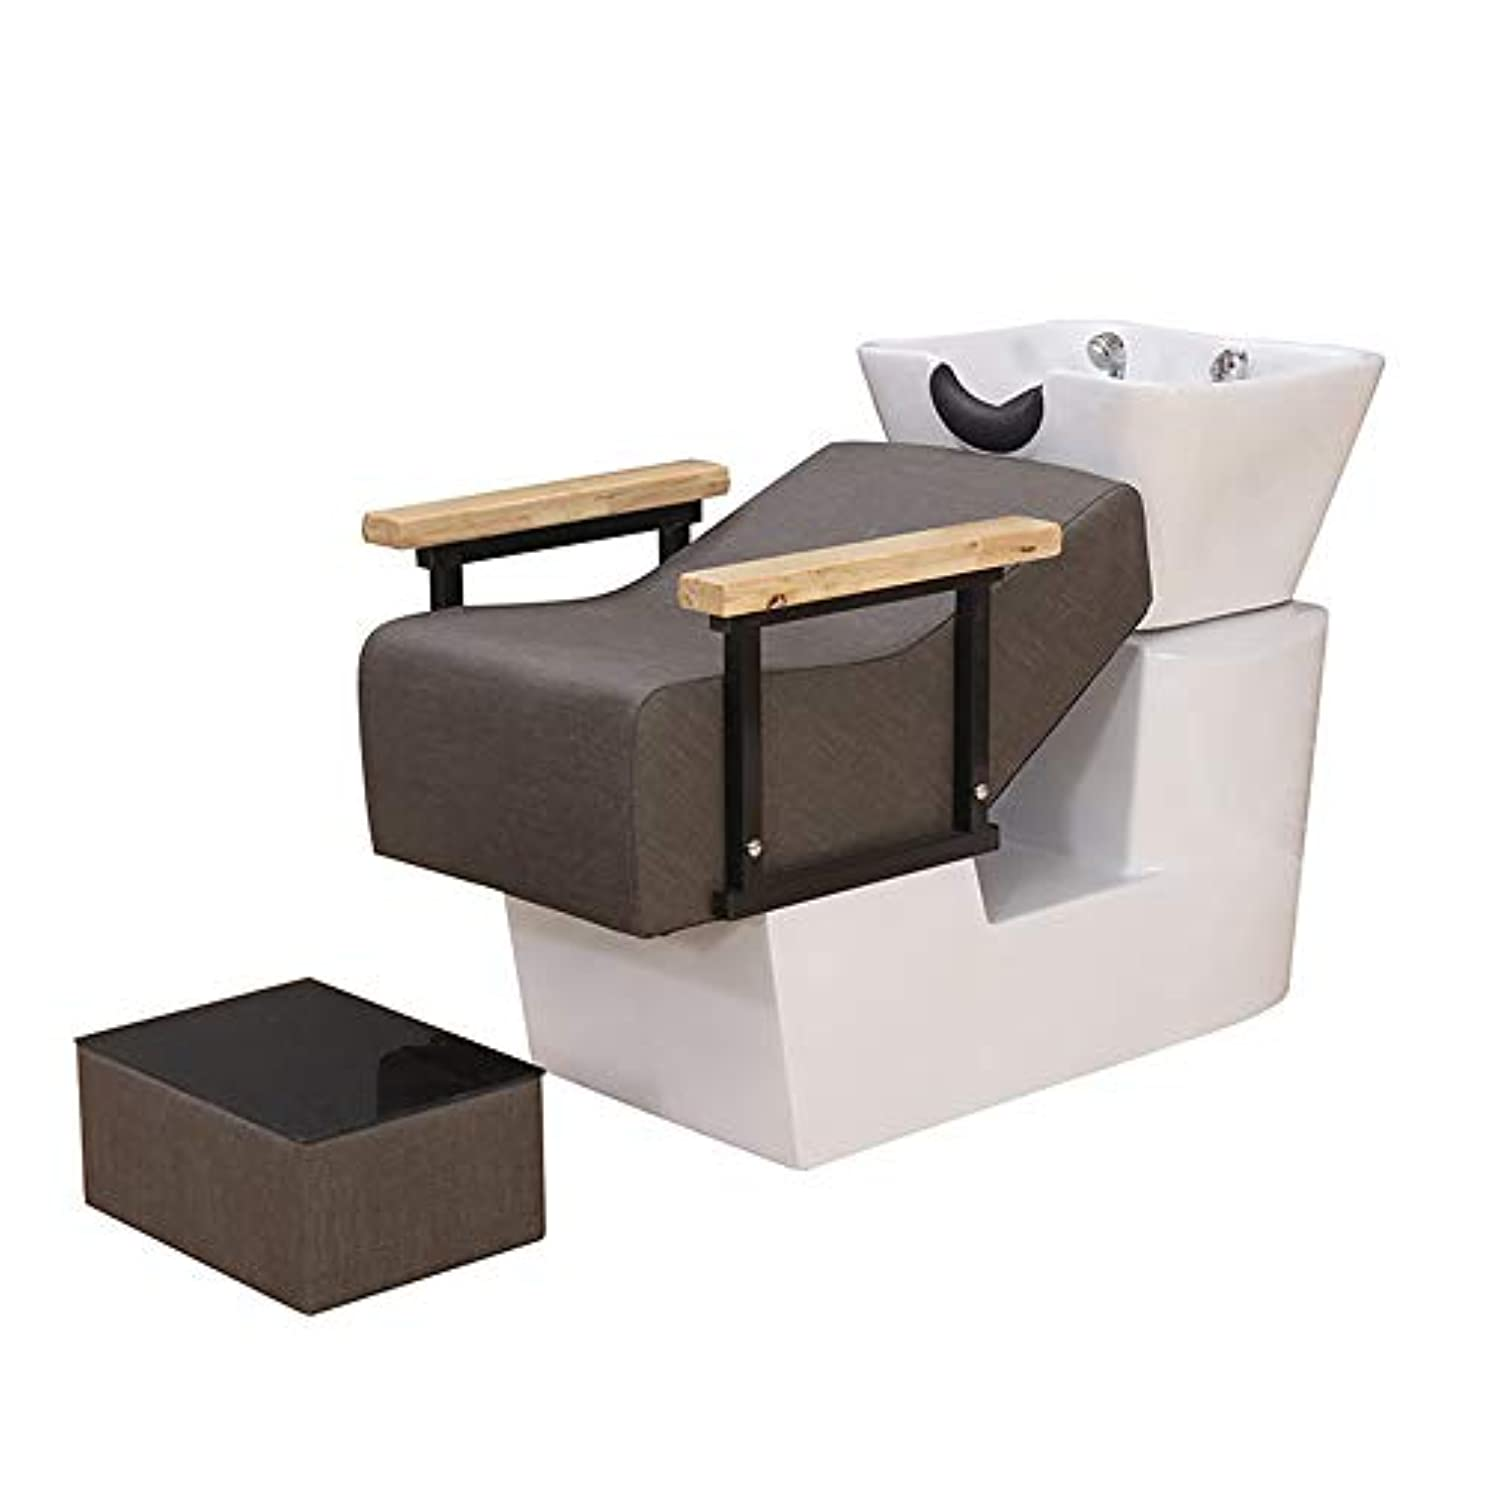 引き潮叫び声犬シャンプーチェア、逆洗ユニットシャンプーボウル理髪シンクシンクチェア用スパ美容院機器用半埋め込みフラッシュベッド